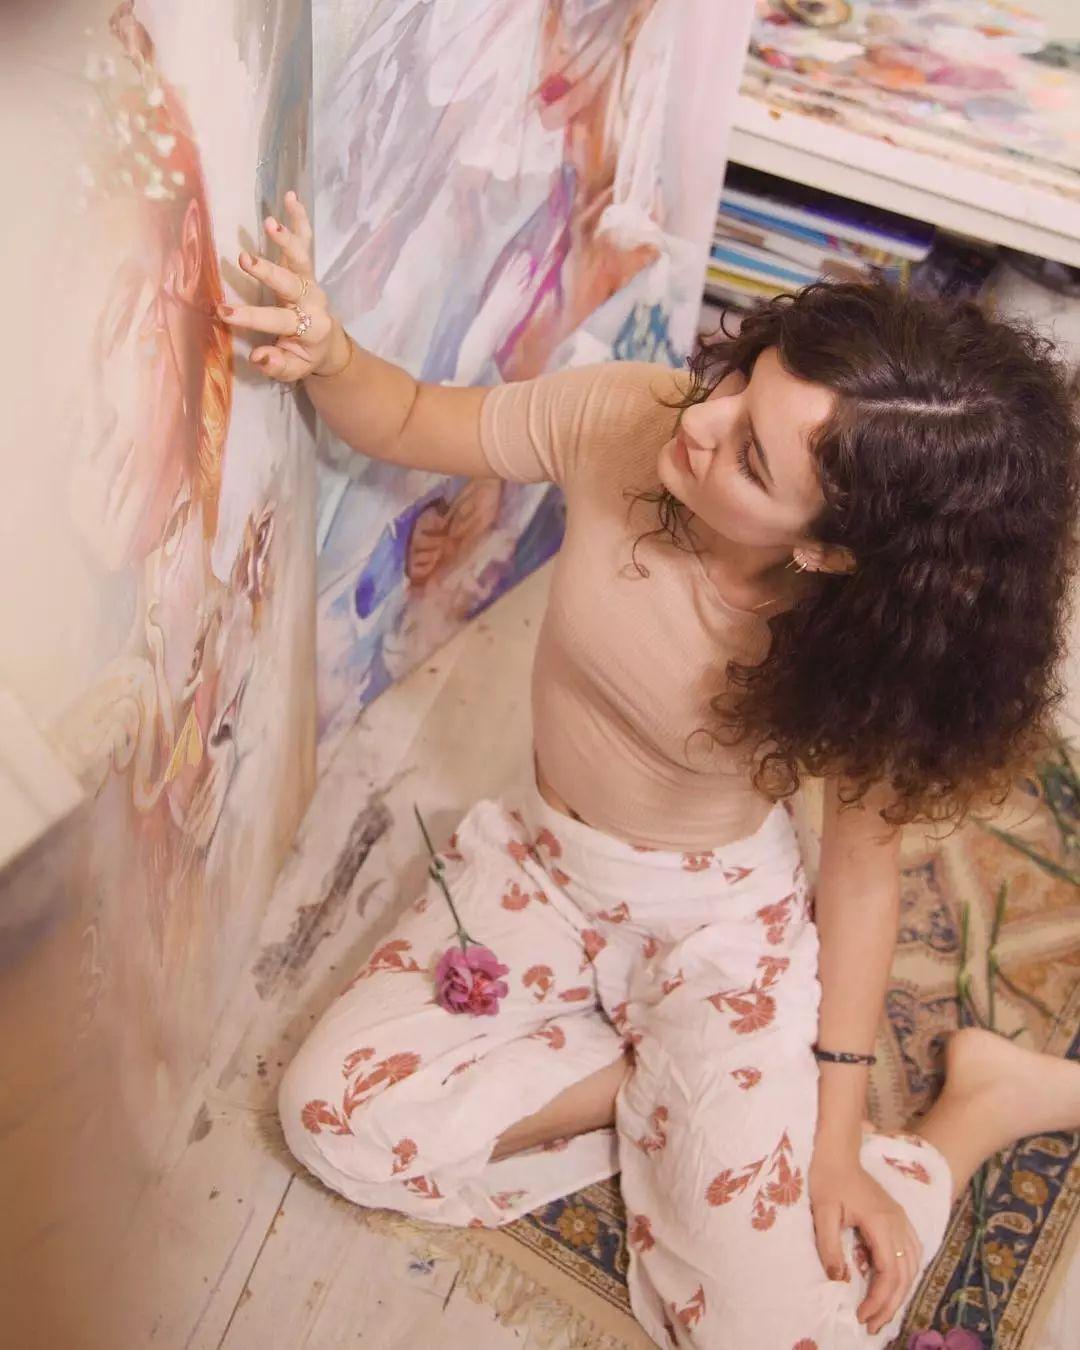 12岁开始画画 16岁就卖画赚100万——希腊小画家Dimitra Milan插图44